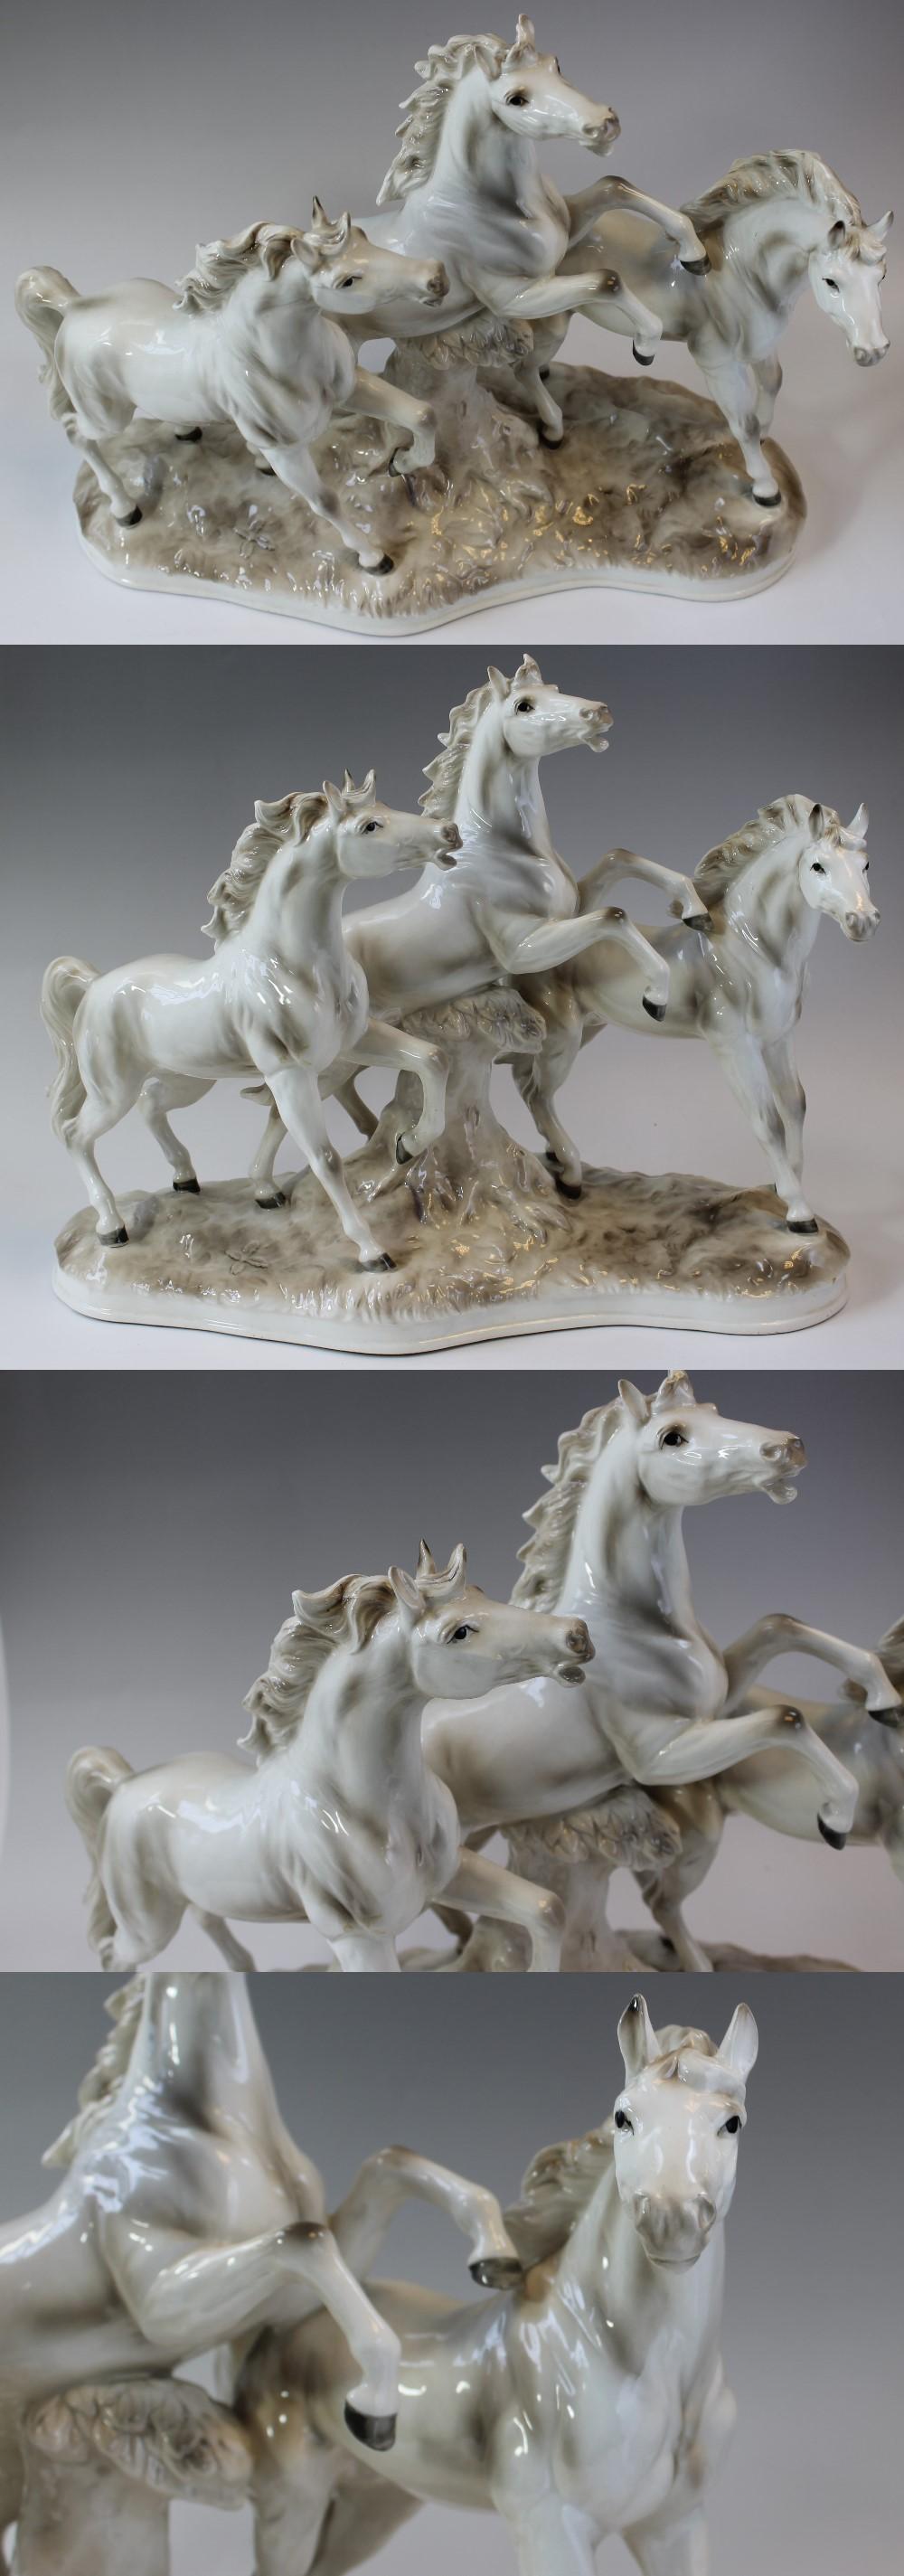 163白馬の群像1